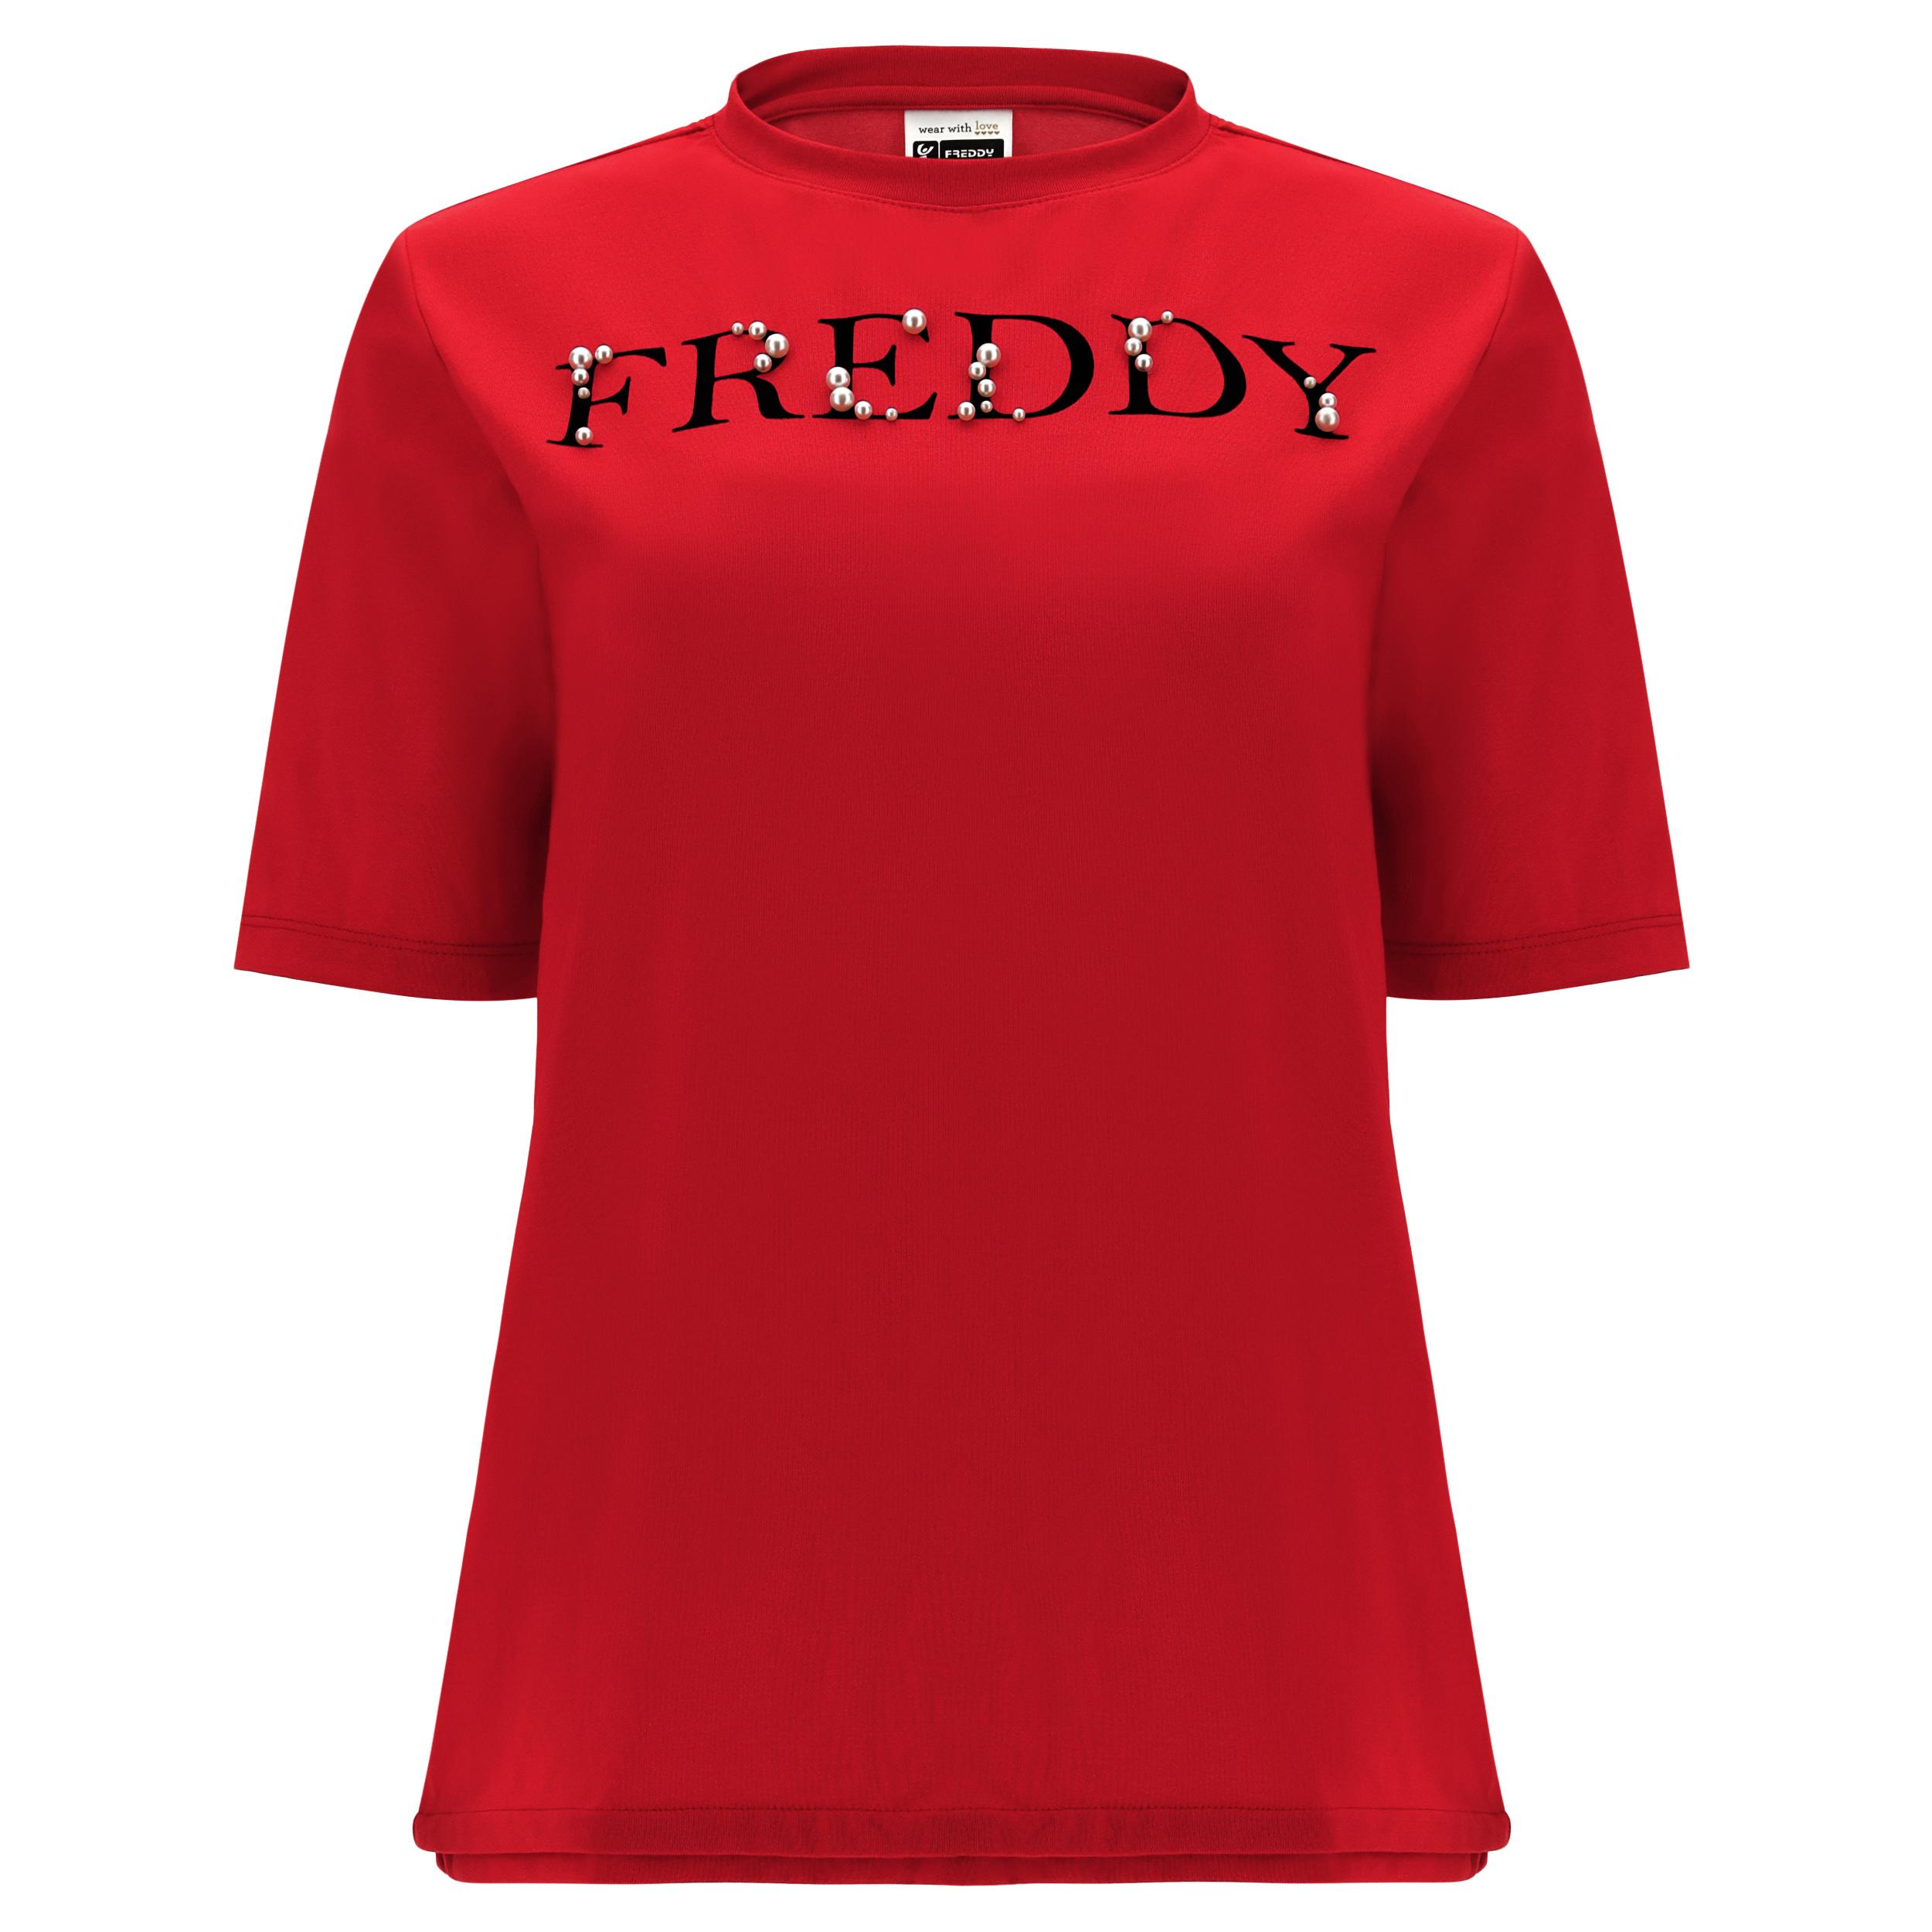 T-shirt comfort con stampa FREDDY decorata con perle